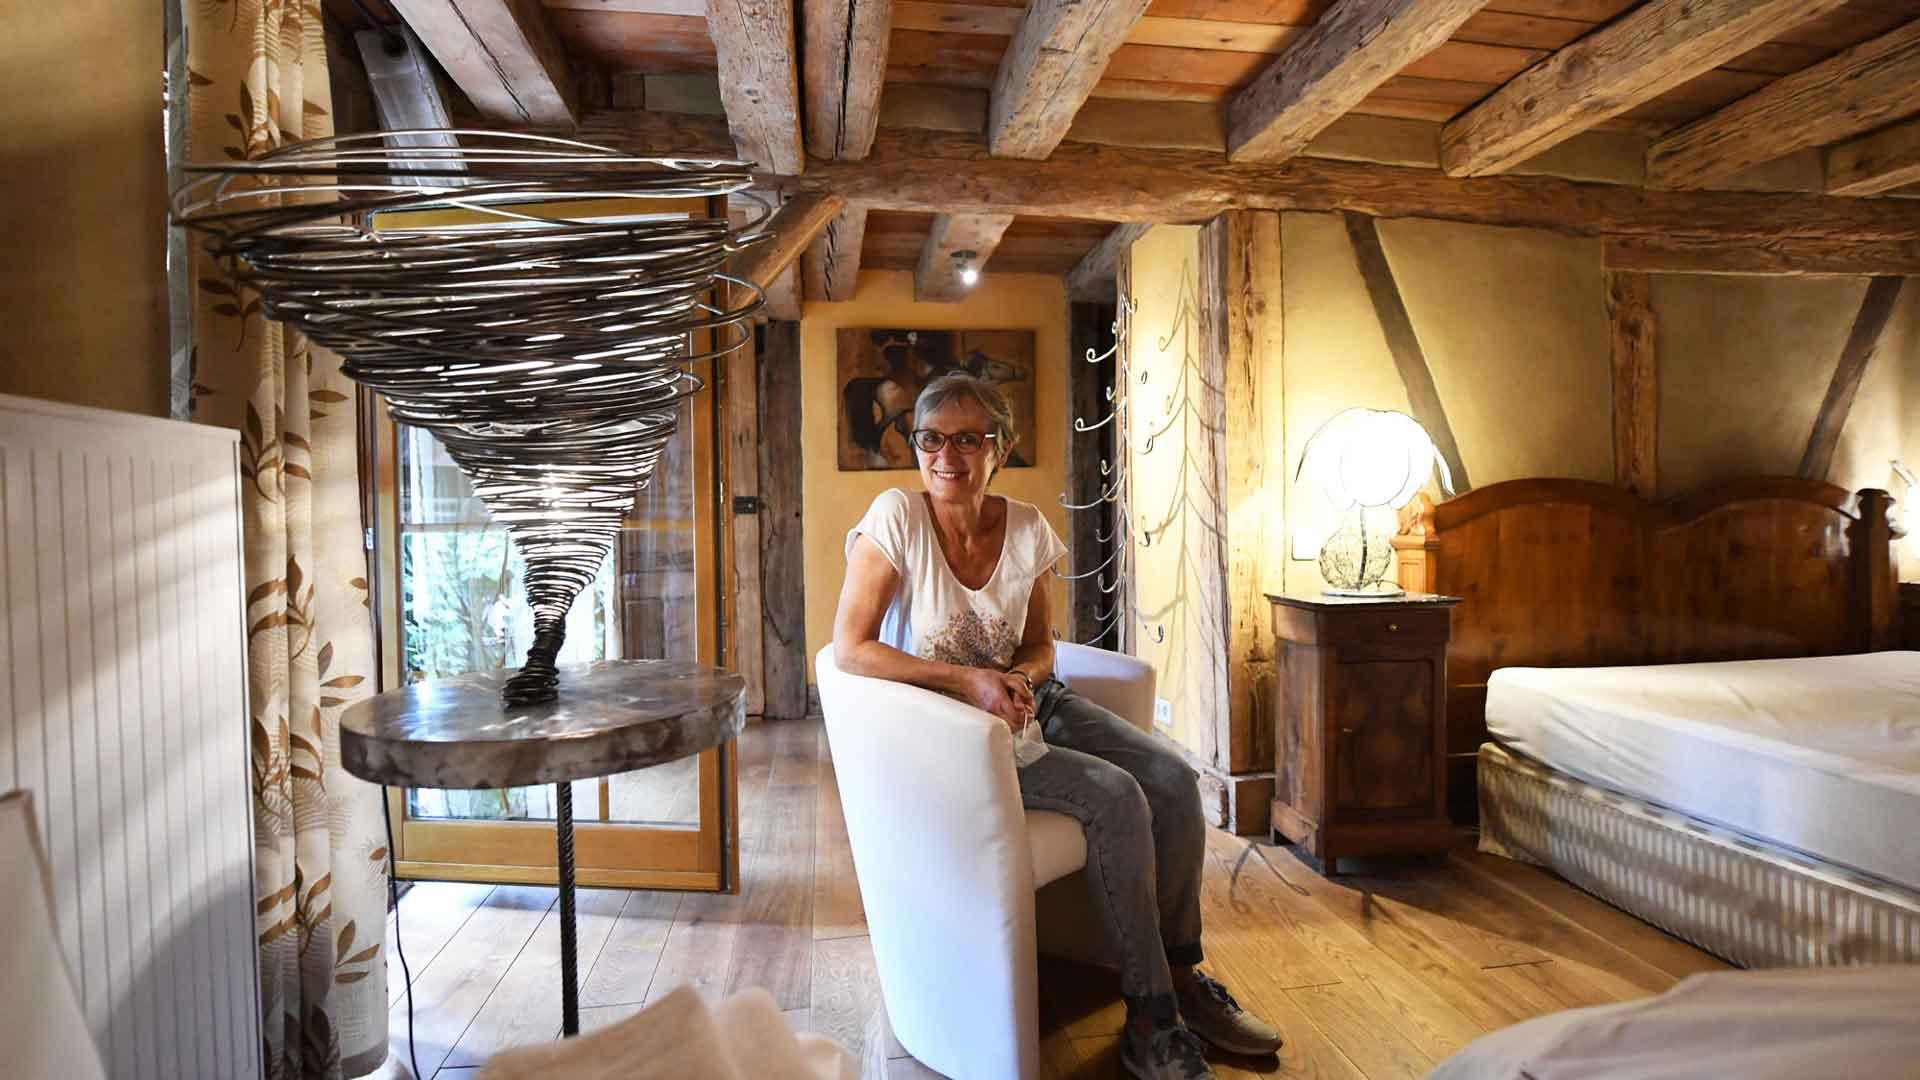 Vincente Blanchard, sculptrice-plasticienne